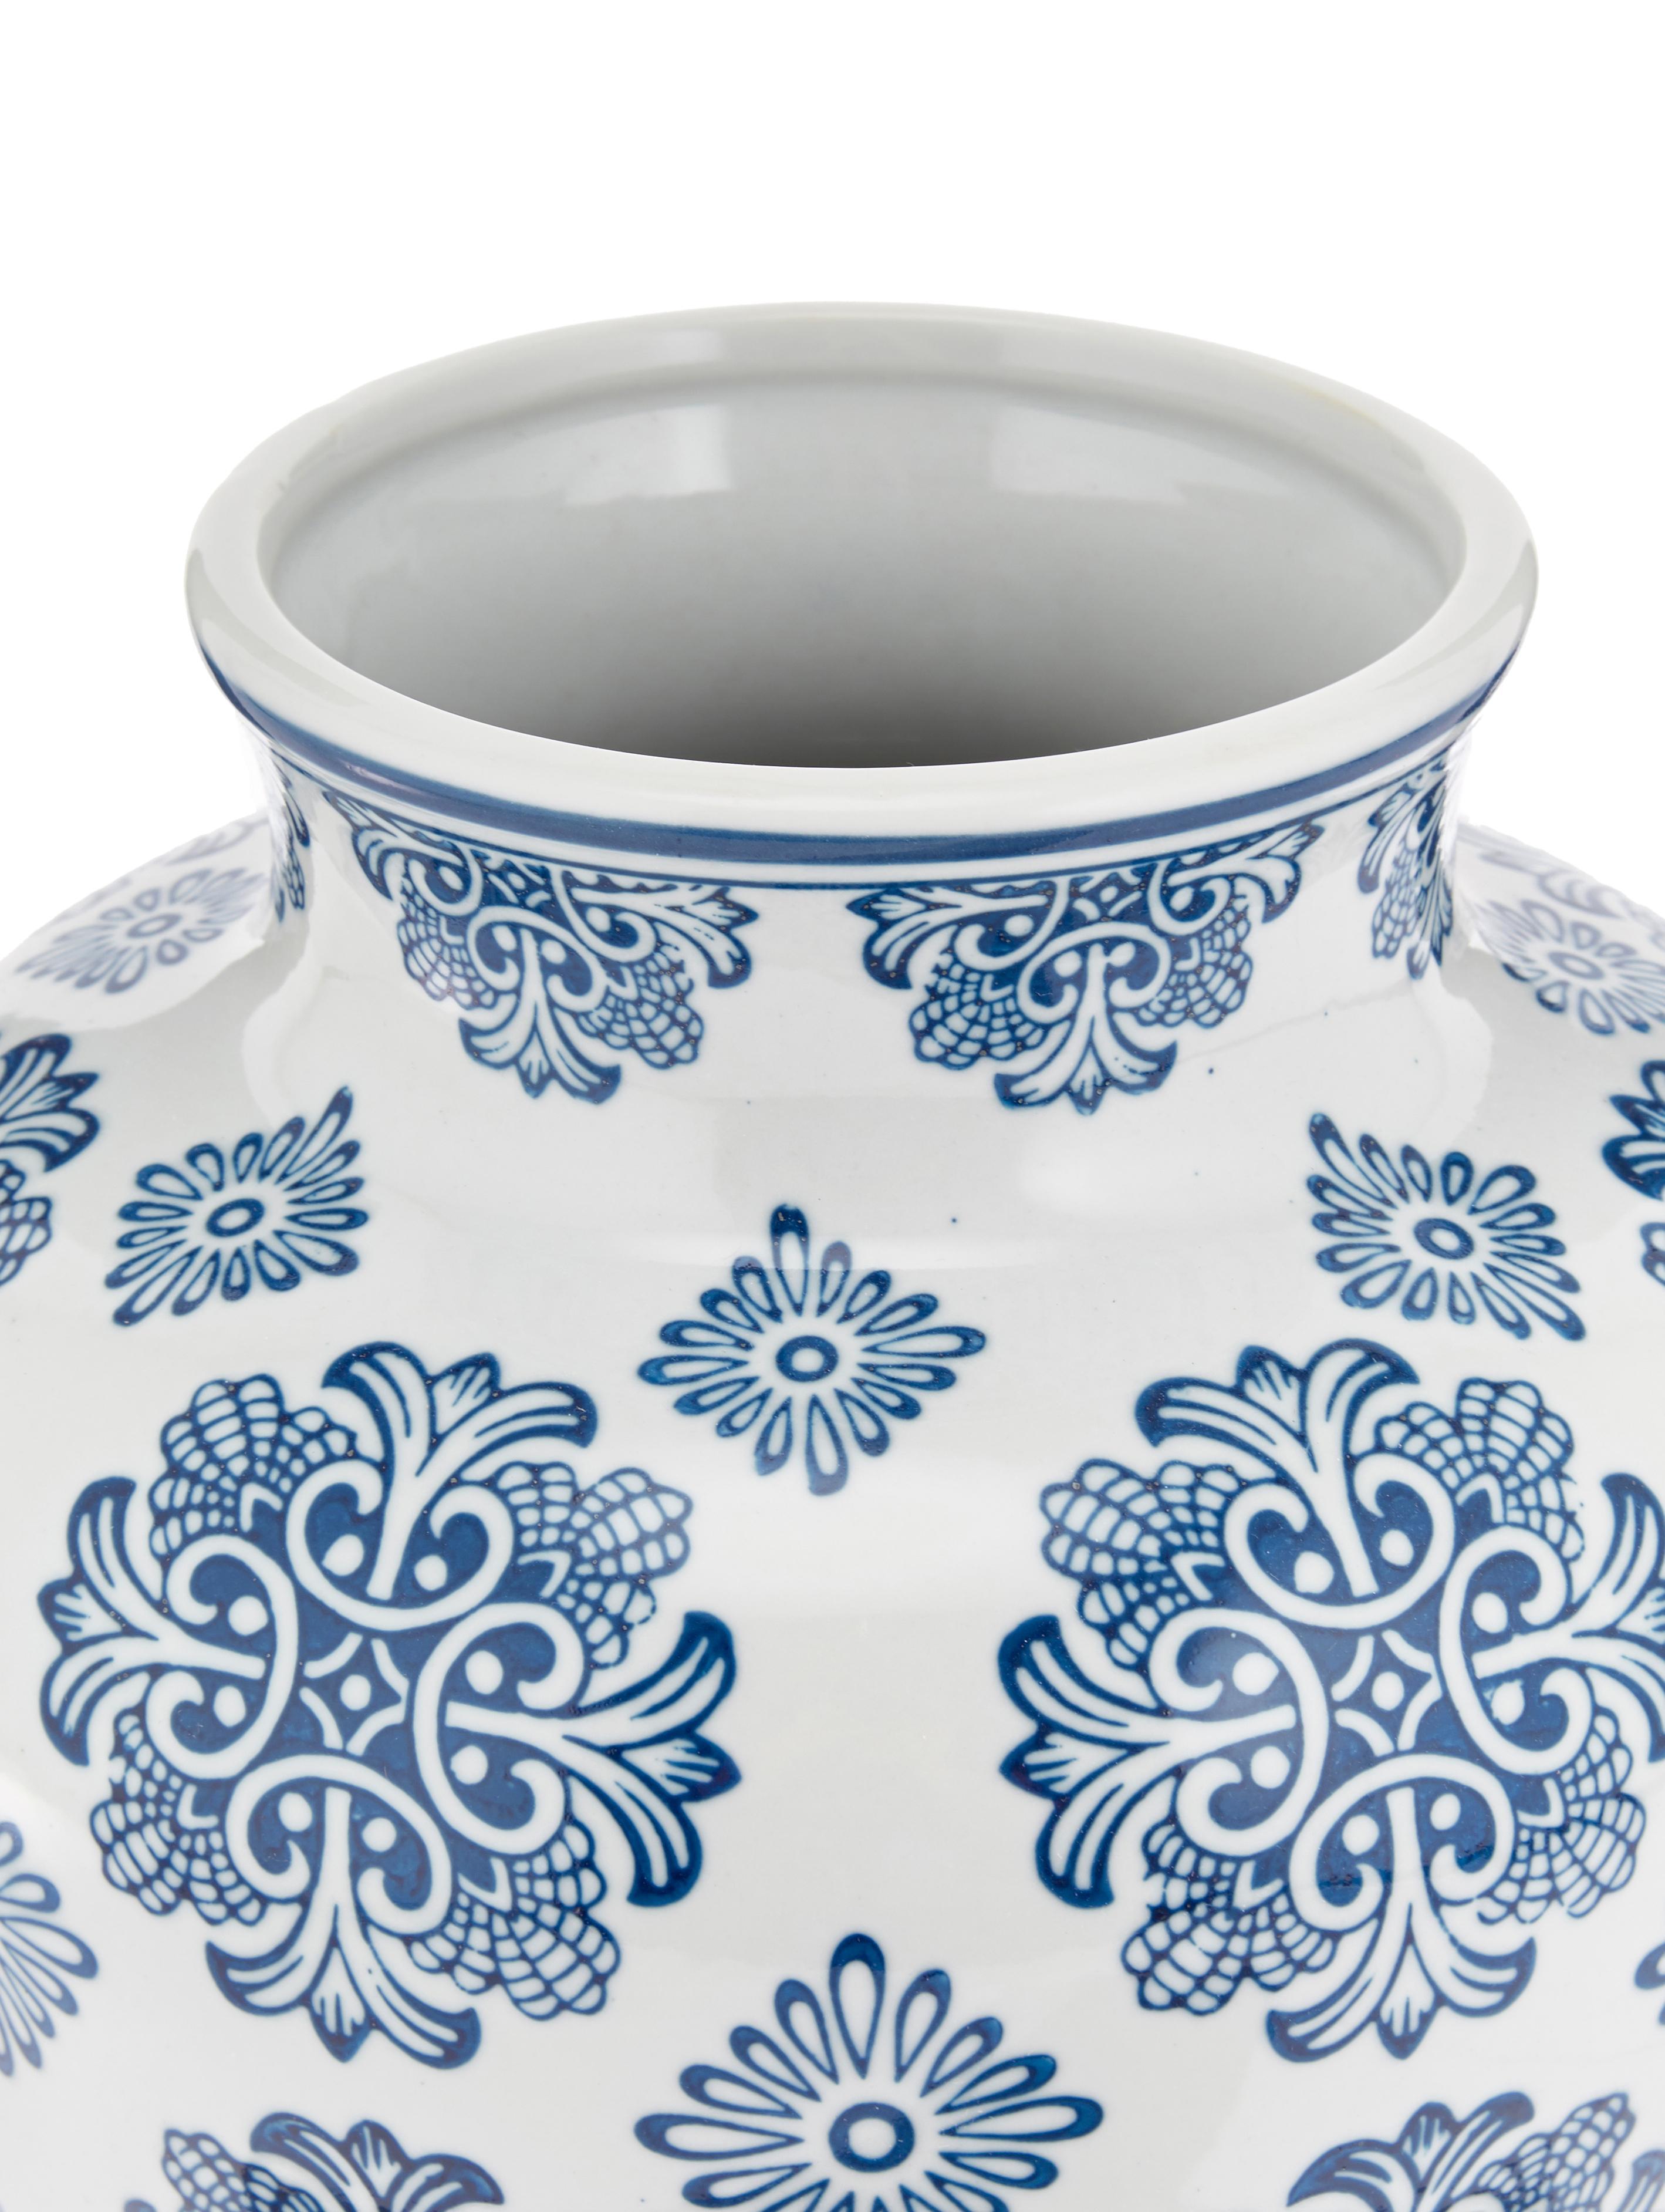 Deko-Vase Lin aus Porzellan, Porzellan, nicht wasserdicht, Weiß, Blau, Ø 21 x H 28 cm